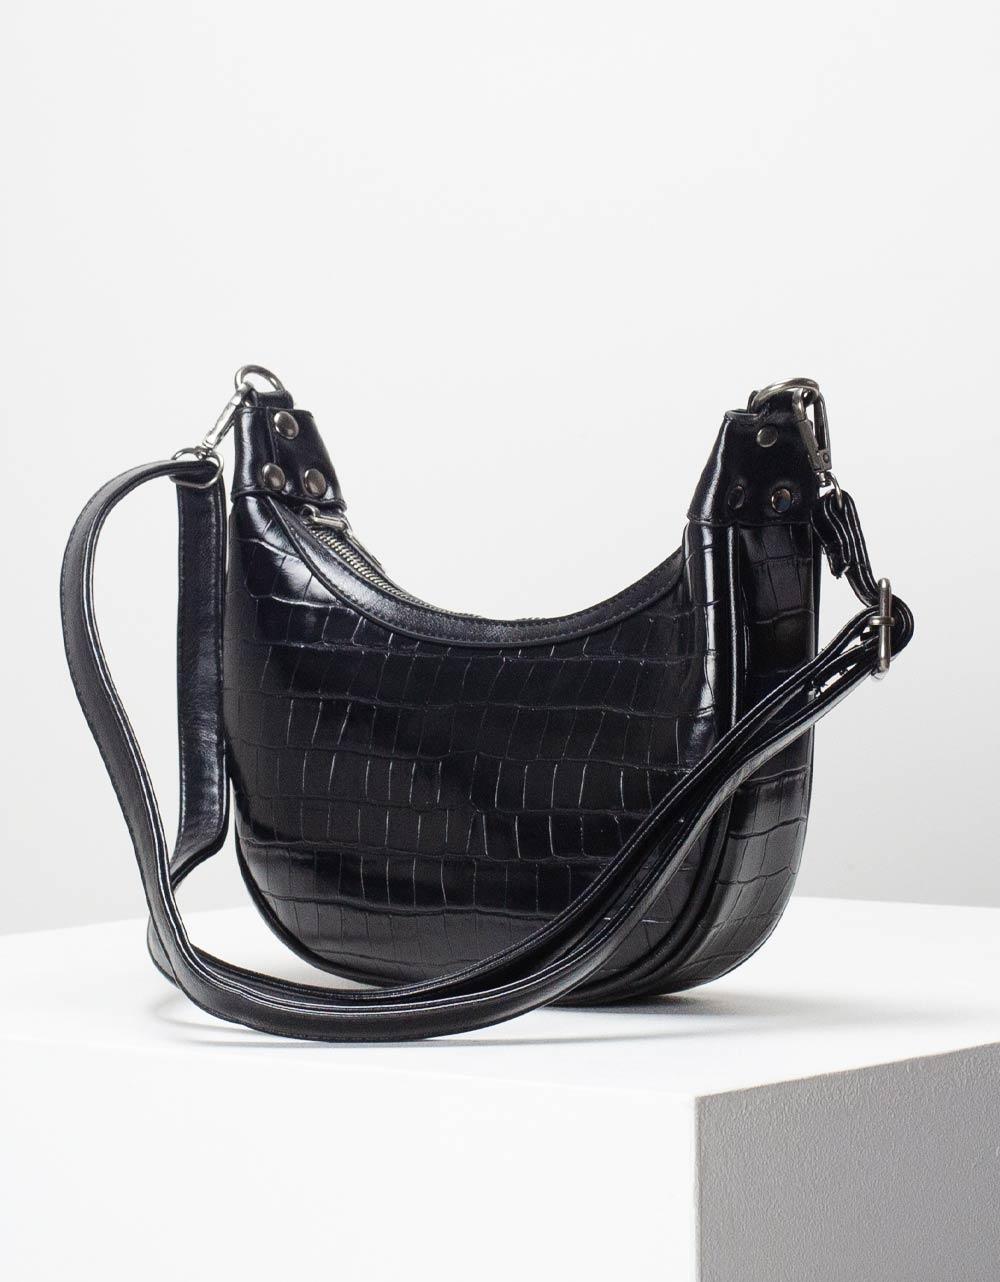 Εικόνα από Γυναικεία τσάντα ώμου & χιαστί με κροκό μοτίβο Μαύρο